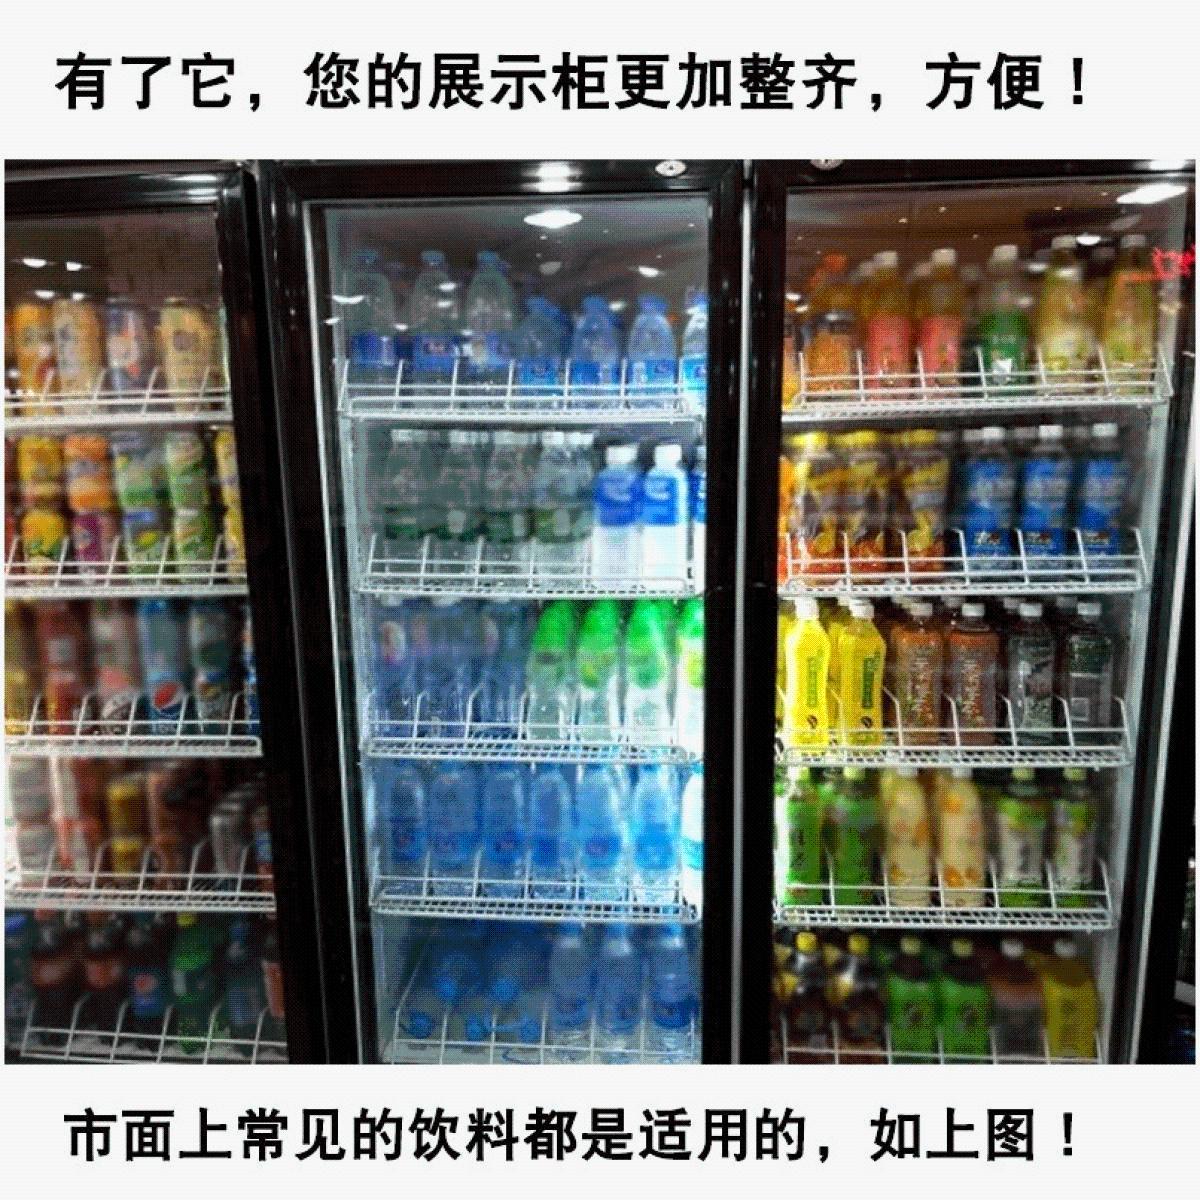 超市饮料柜分隔架 冰柜商用冰箱便利店展示冷柜酒水防倒架子